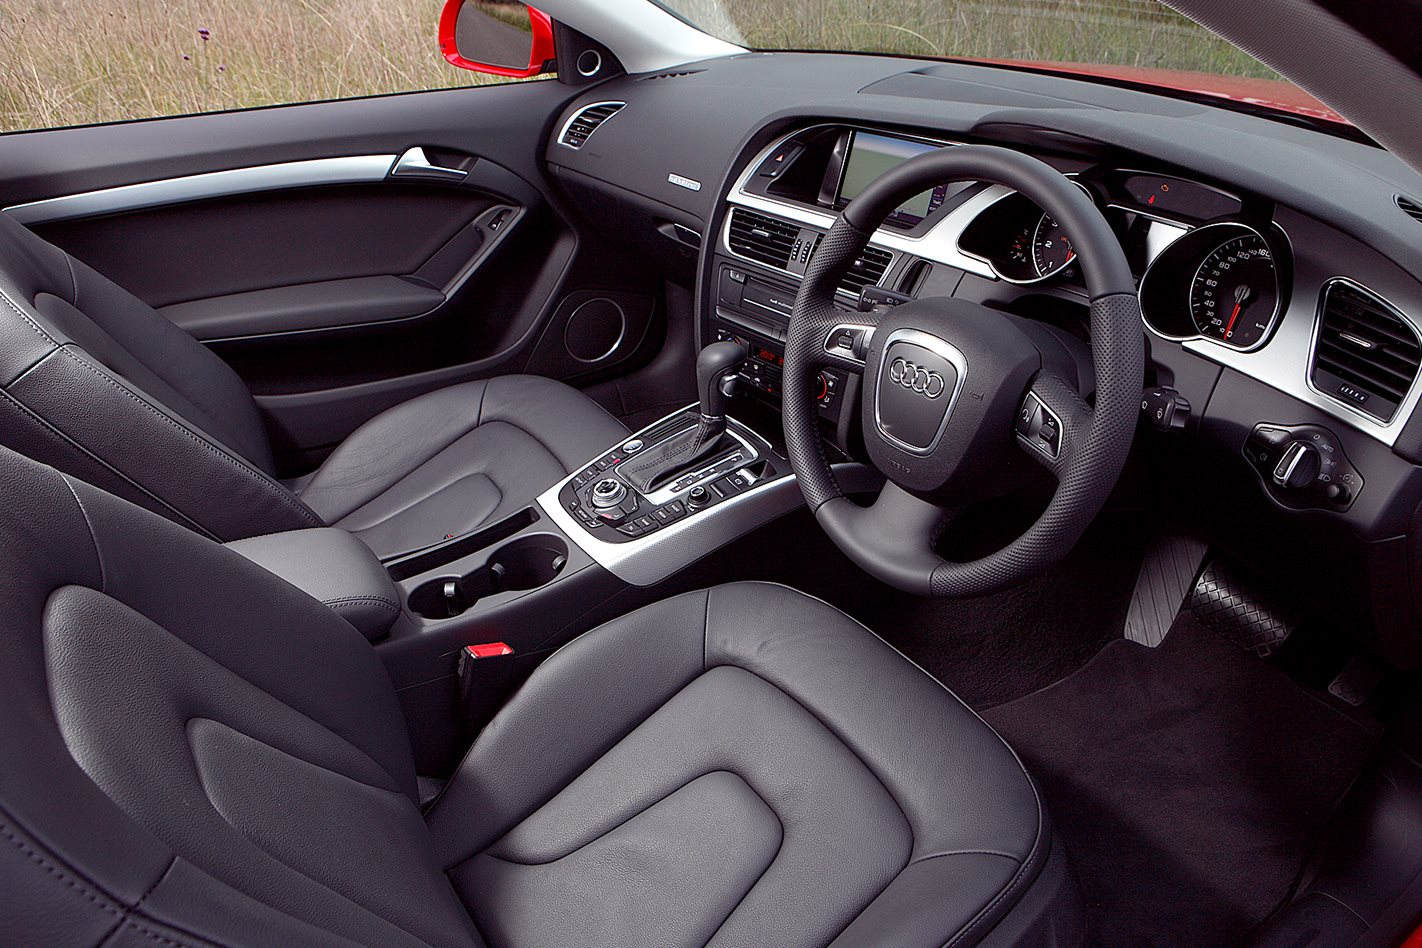 2009-Audi-A5-2.0T-quattro-interior.jpg